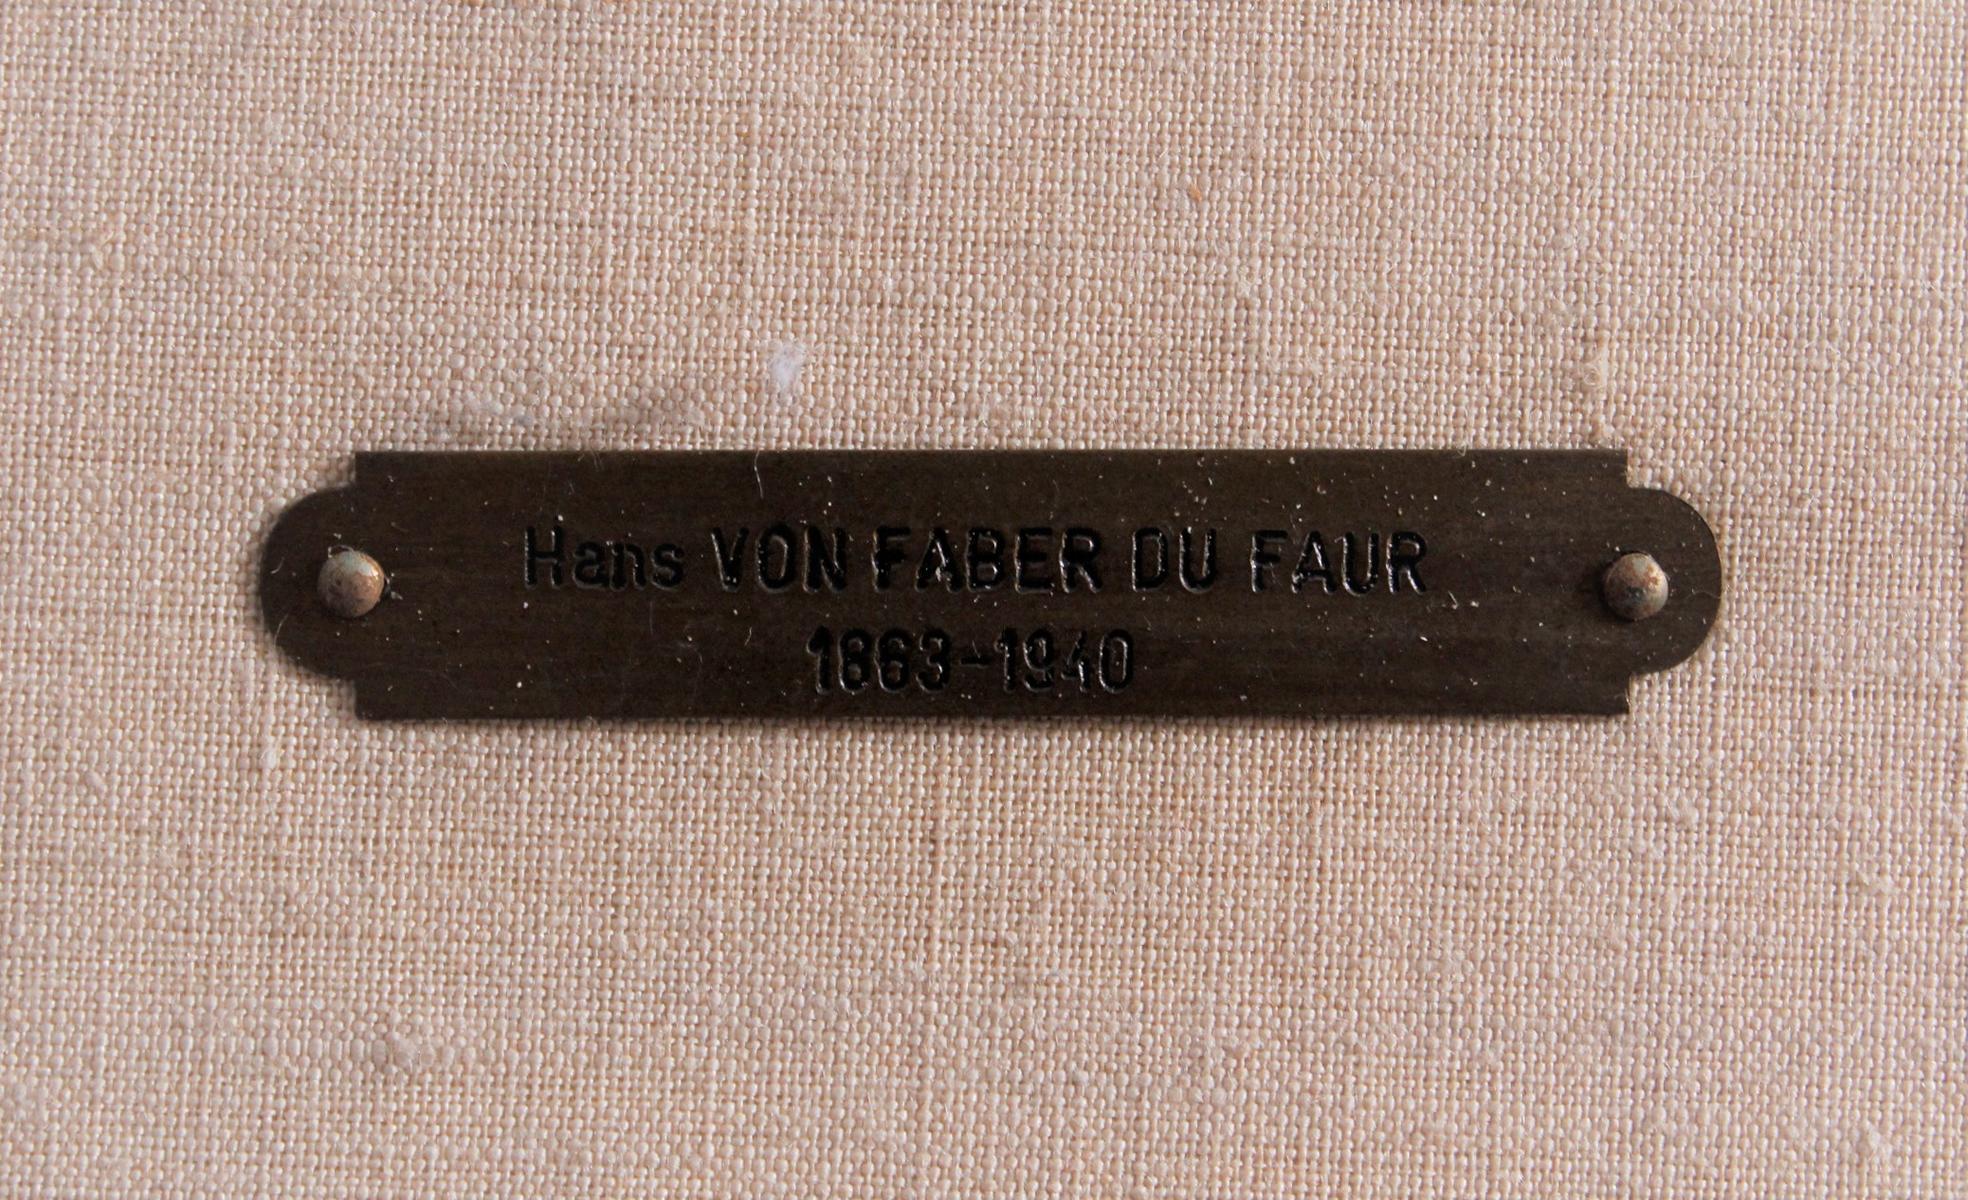 Hans VON FABER DU FAUR (1863-1940), Jagdreiter mit Hunden-3